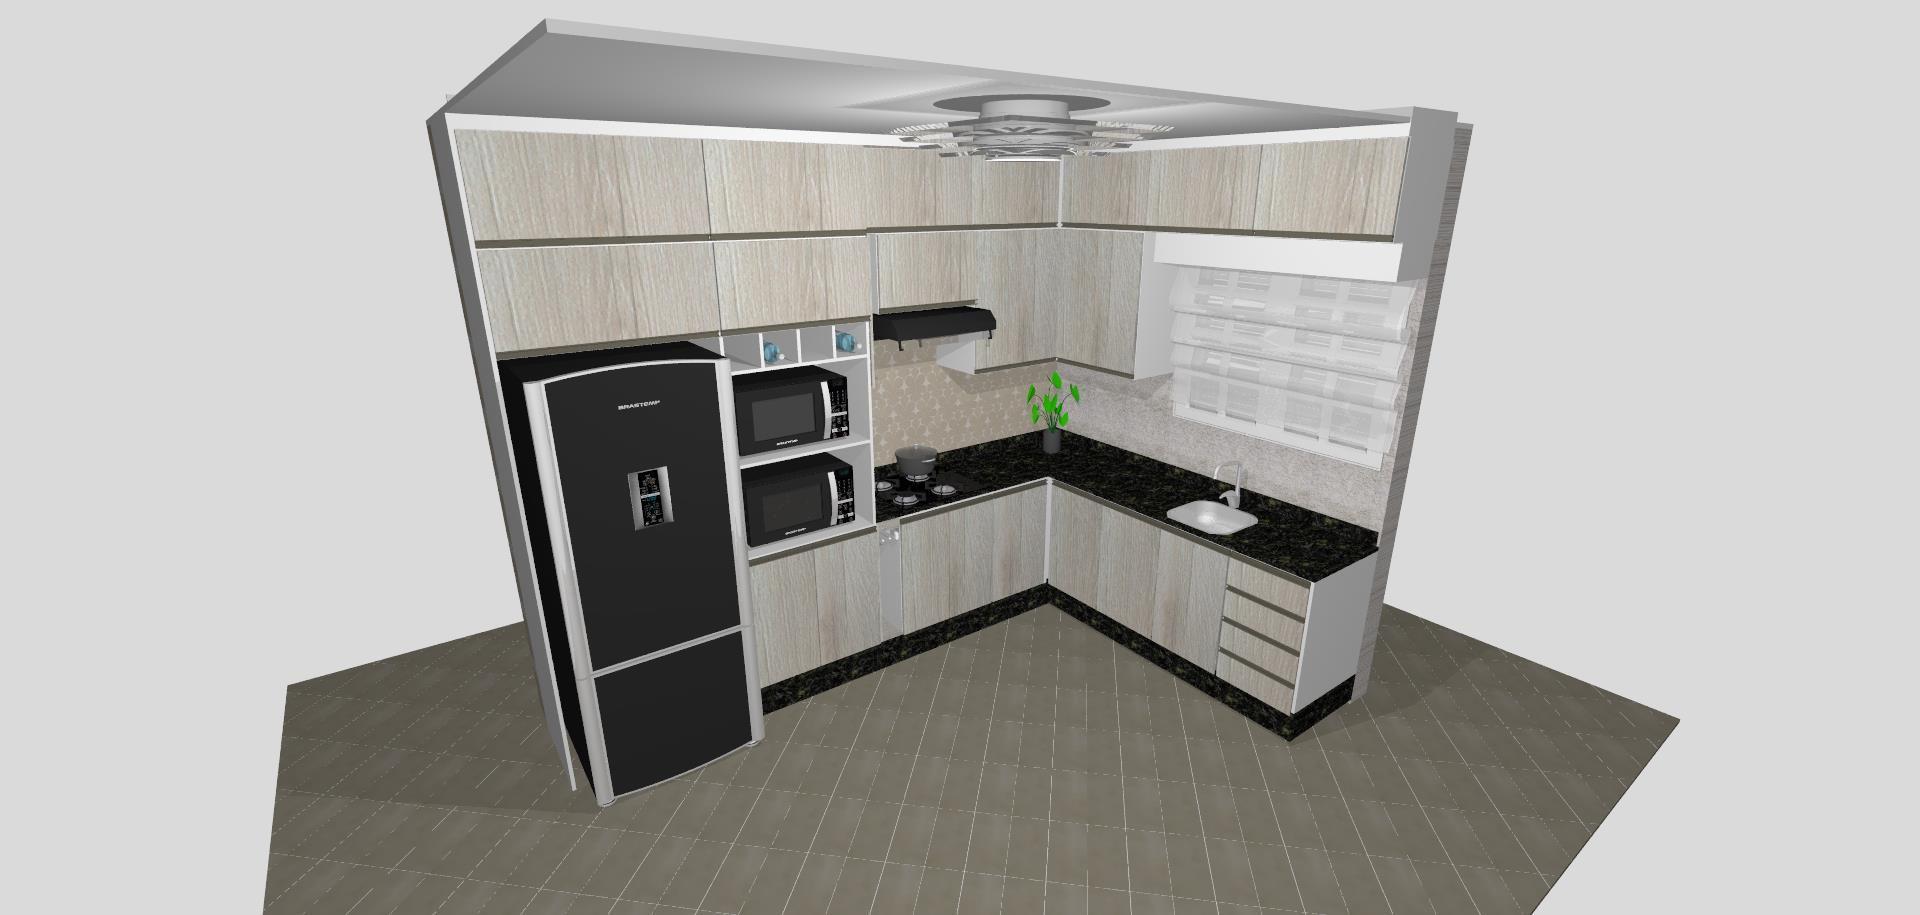 Cozinha Planejada Pequena Moveis Luciane Com Fechamento Ate O Teto